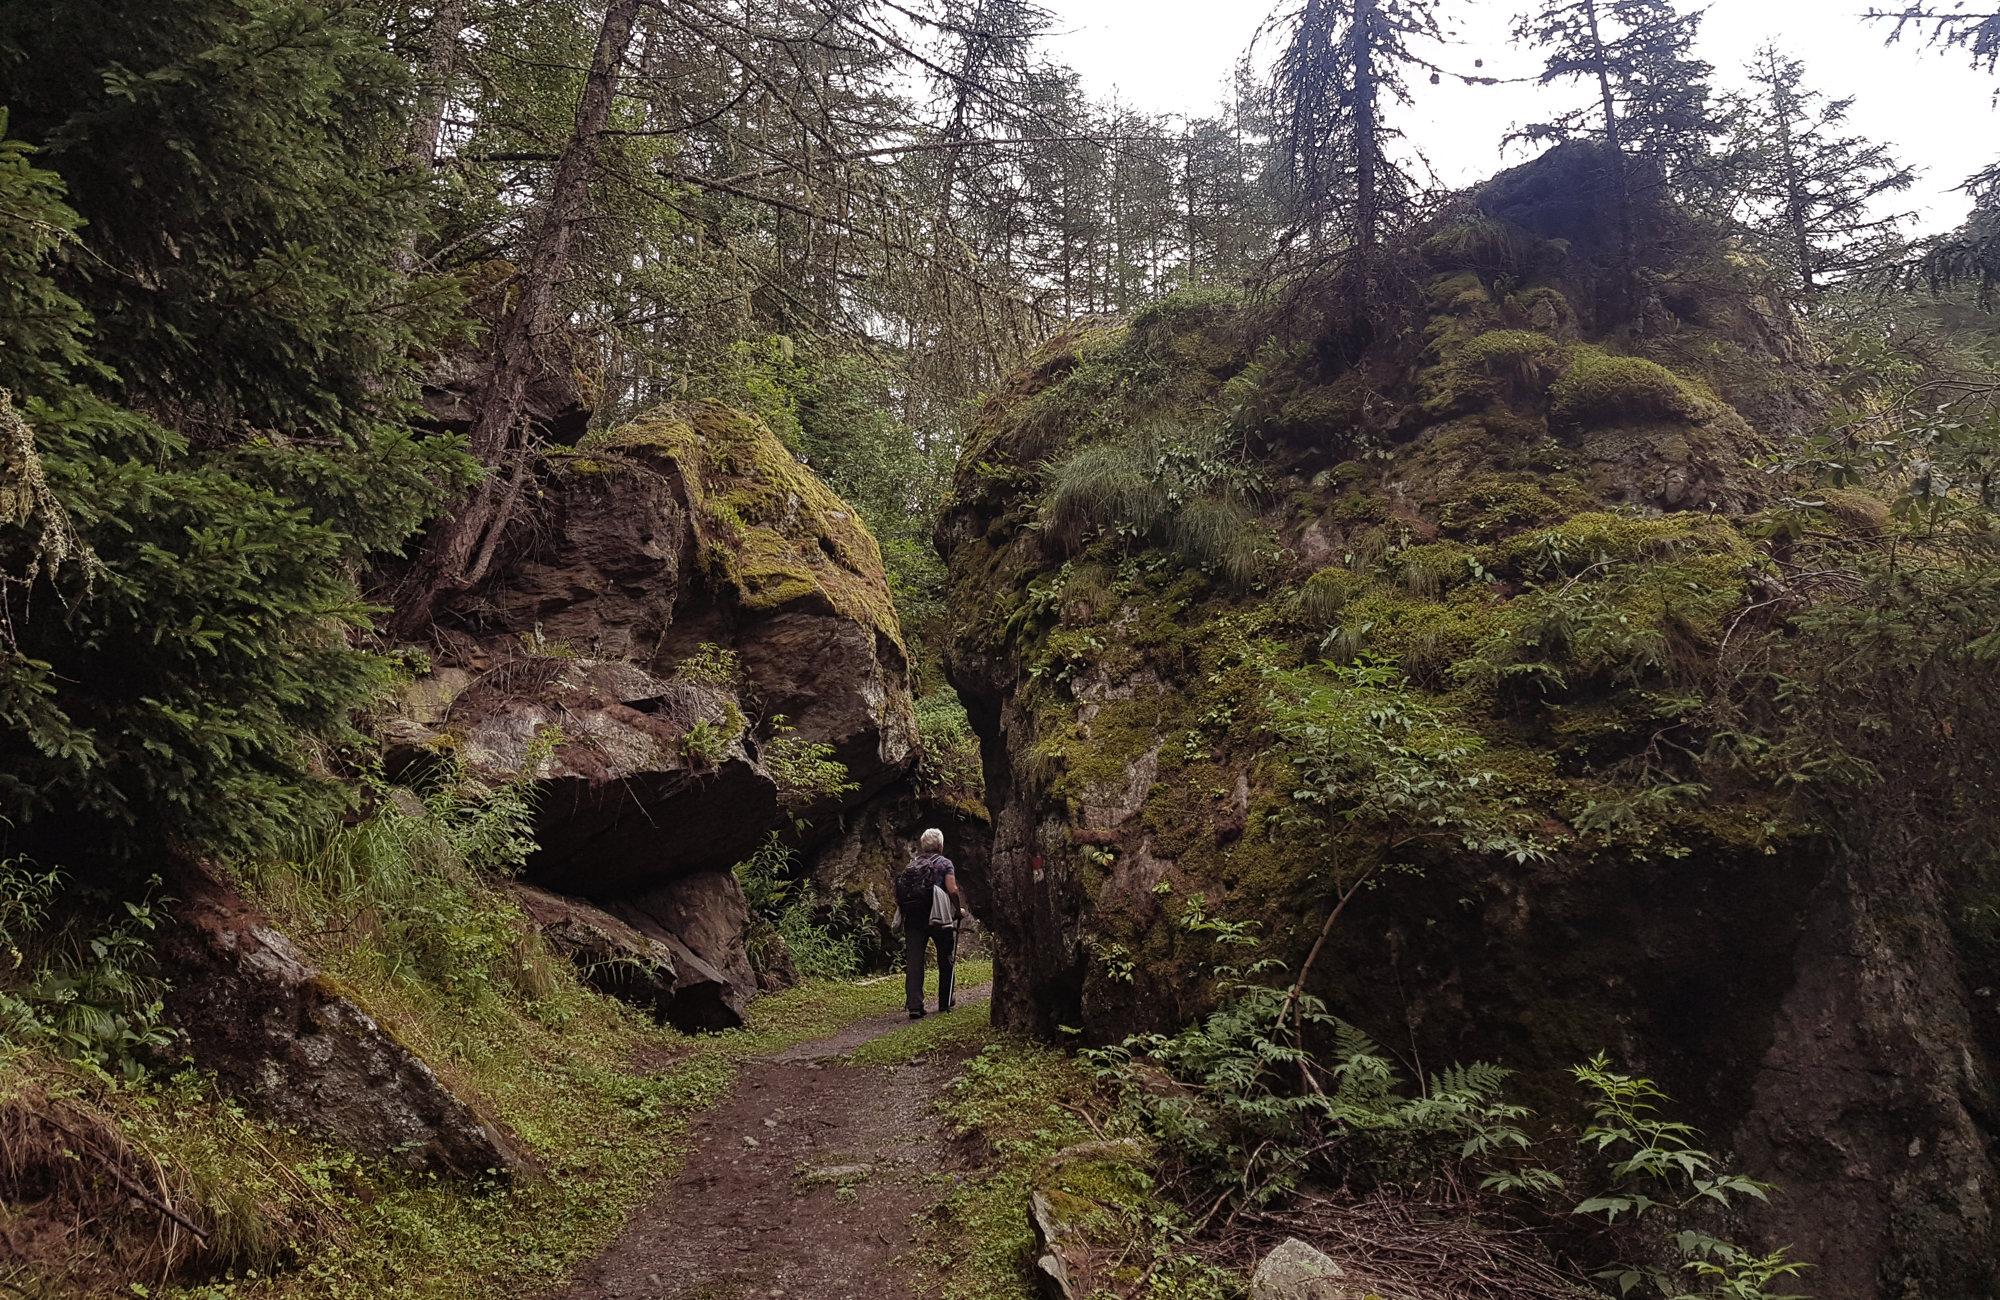 Auf dem Ötztaler Urweg, Wandern Ötztaler Urweg, Wandern im Ötztal, Trekking im Ötztal, Ötztaler Alpen, Tirol, Genusswanderung, Regenwanderung